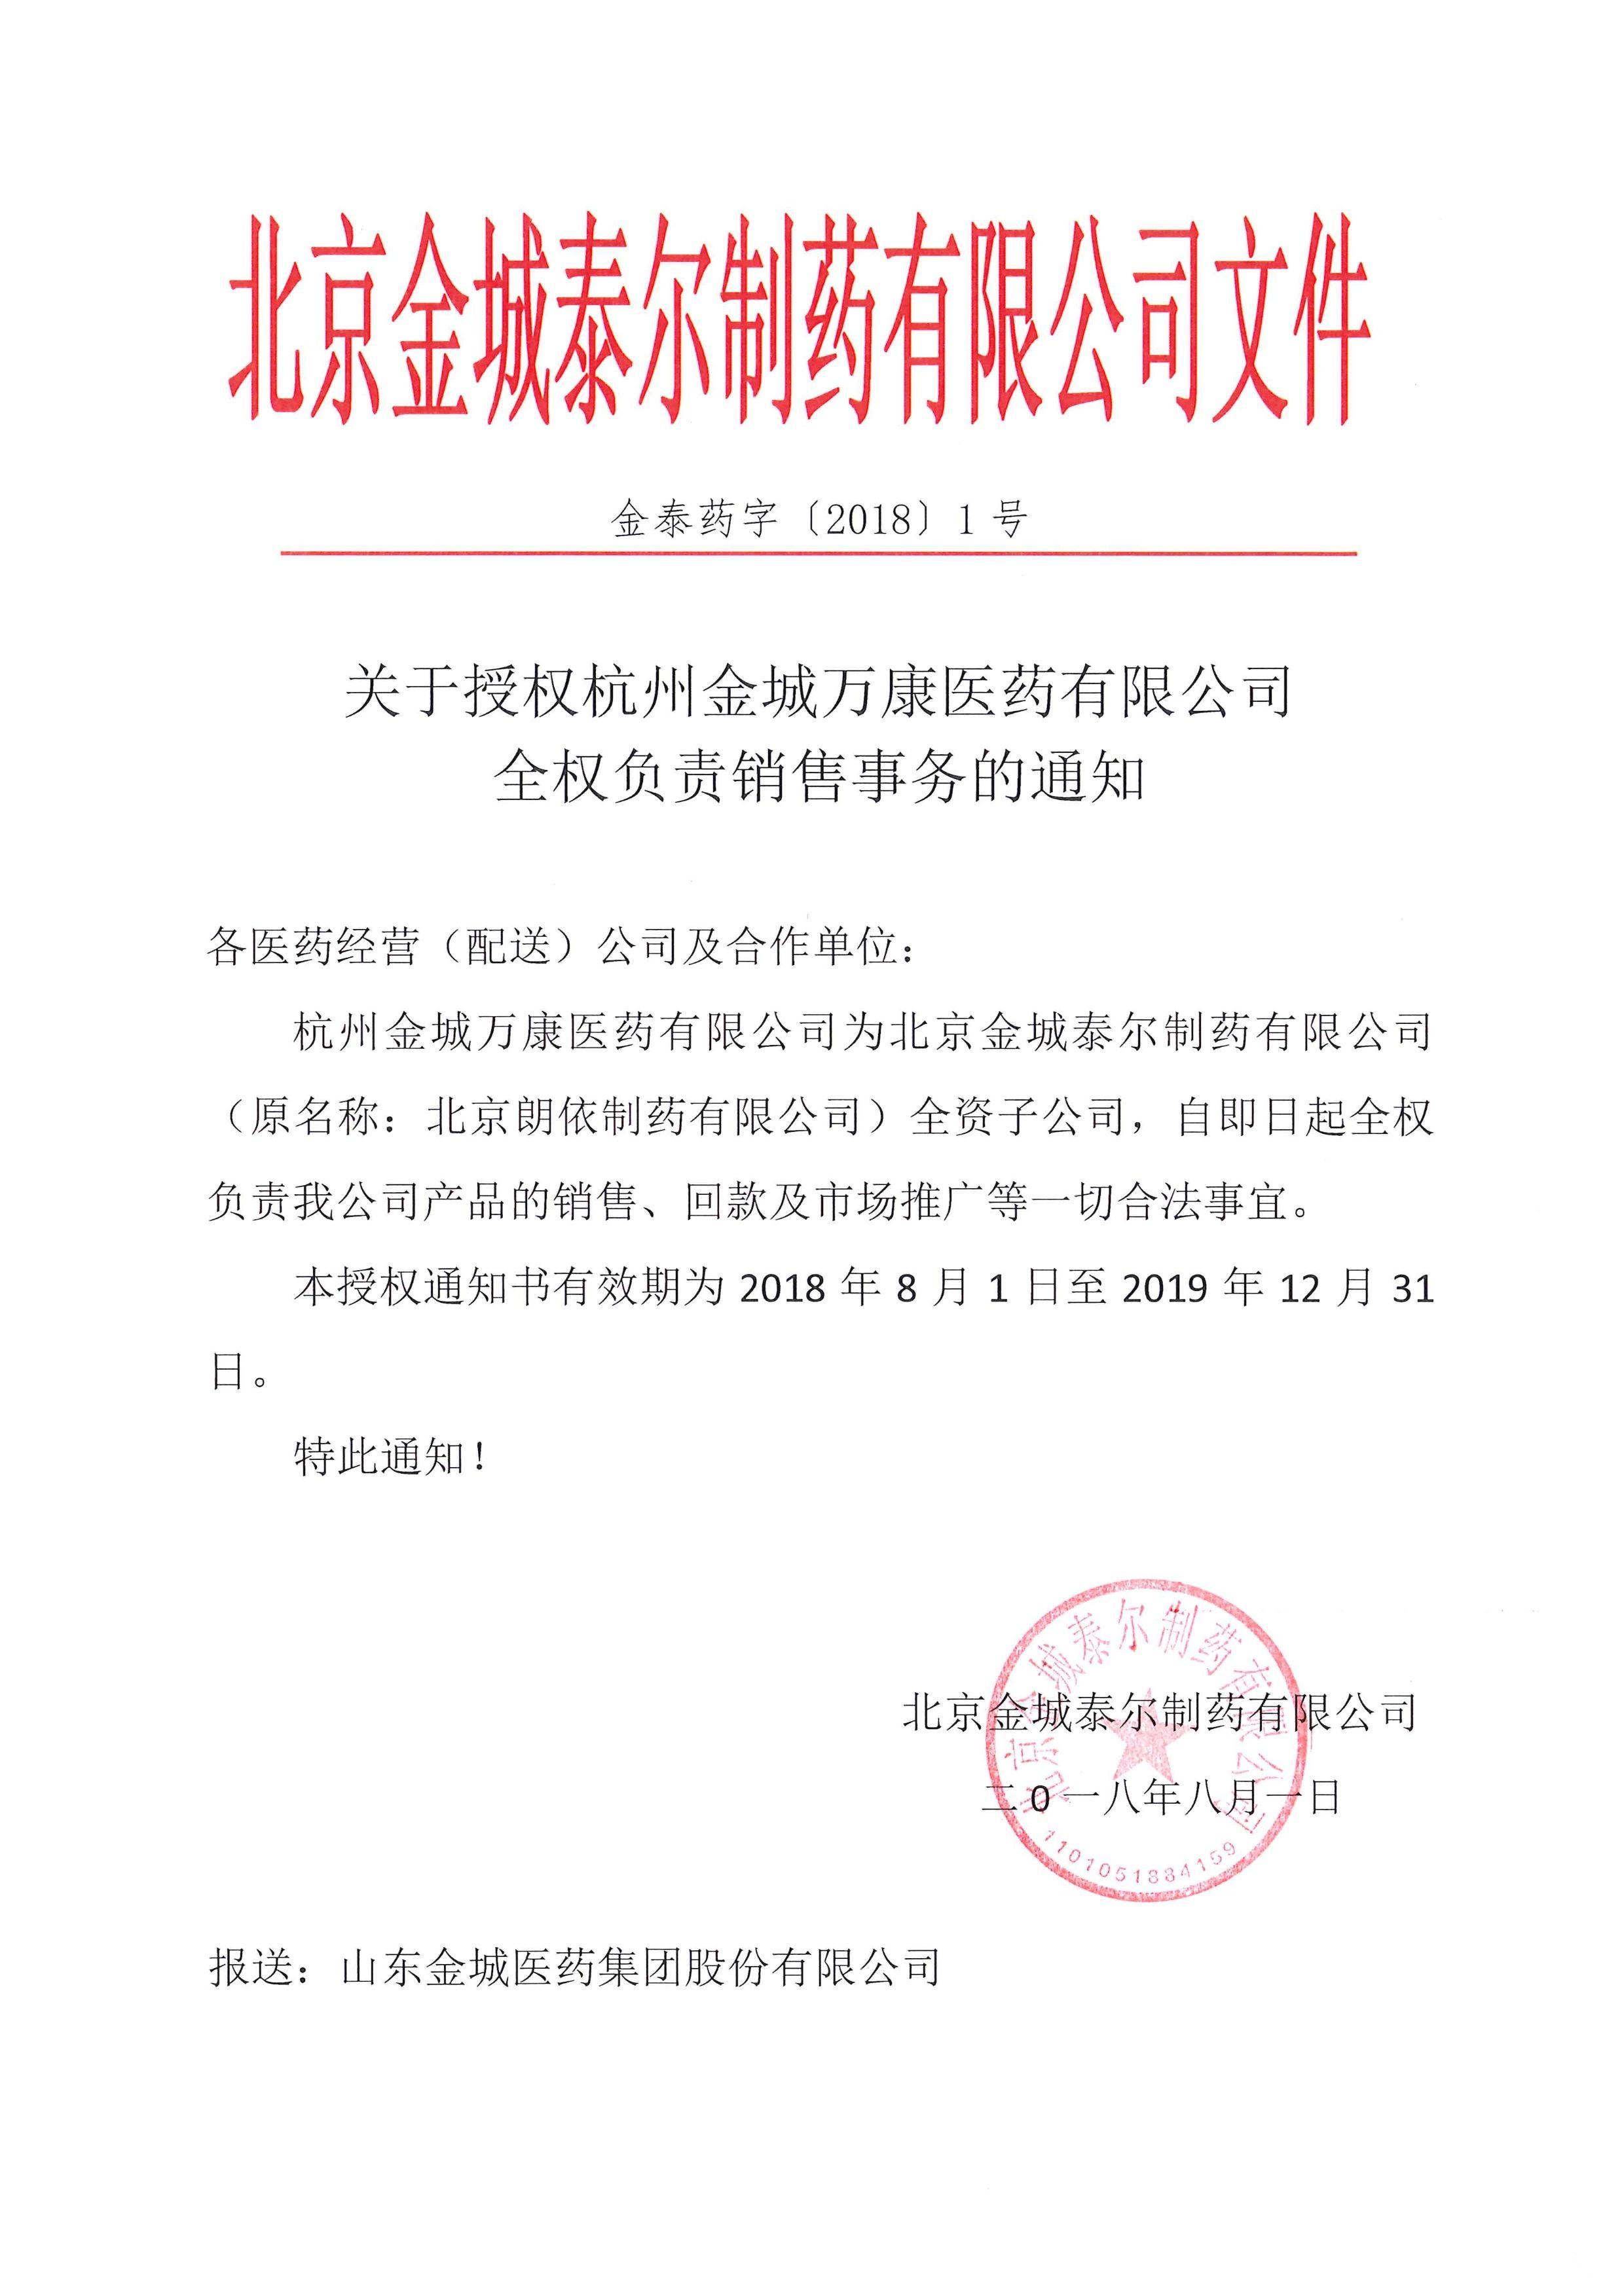 关于授权杭州金城万康医药有限公司全权负责销售事务通知